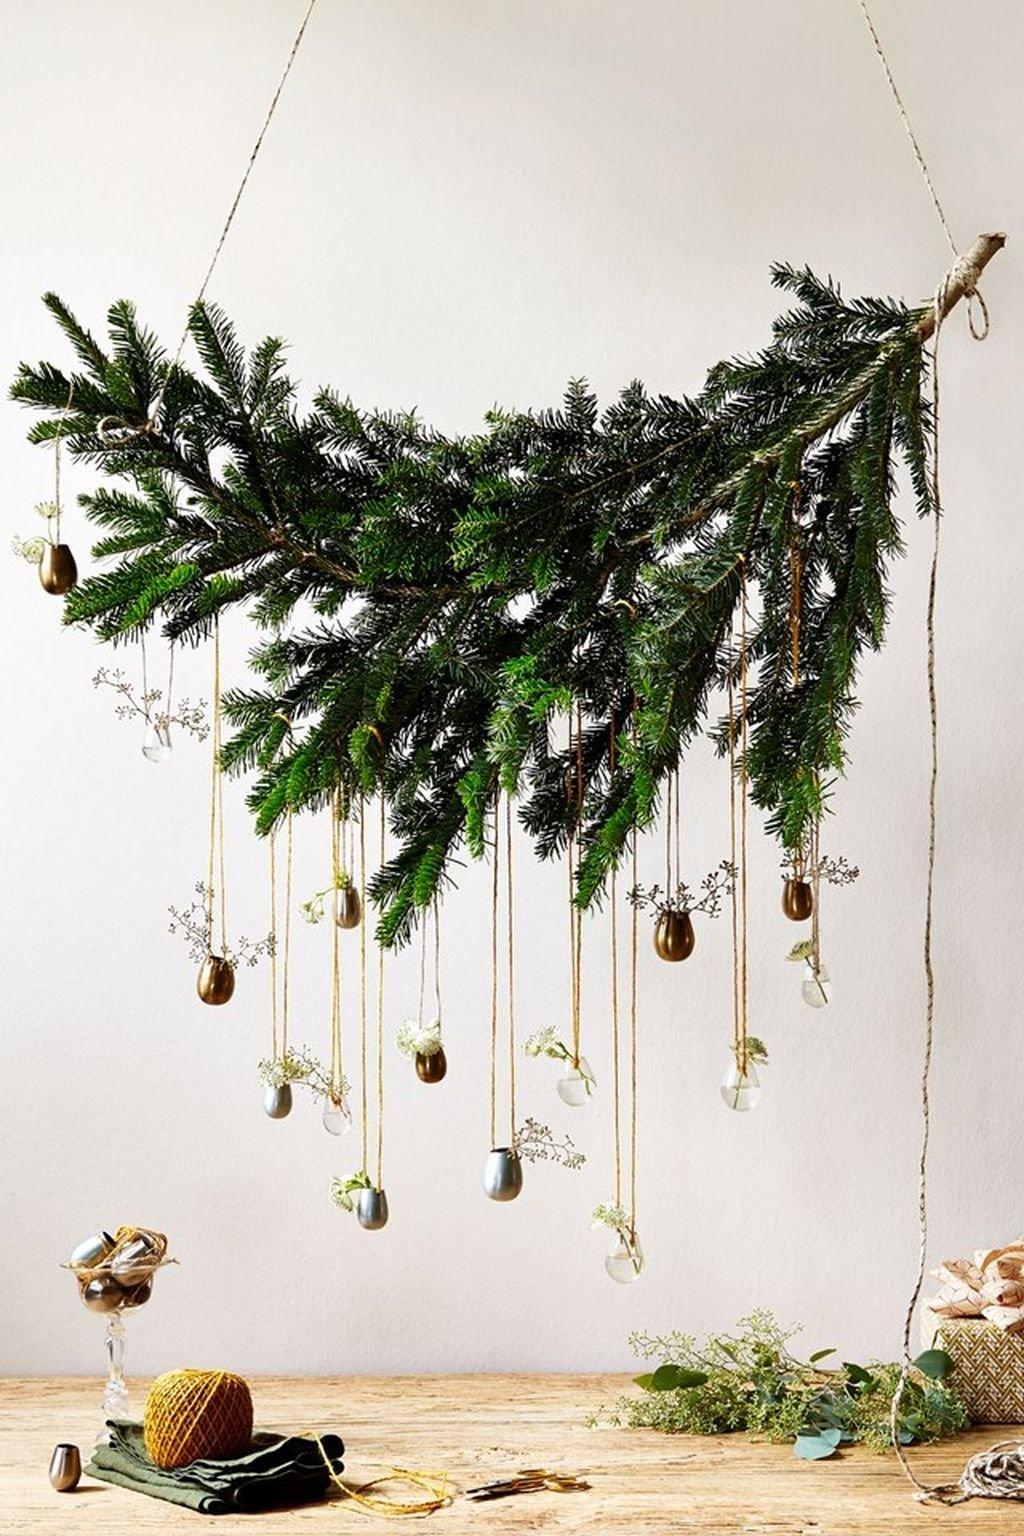 также опубликовала ветки деревьев на новый год фото кухни фотопечатью немного